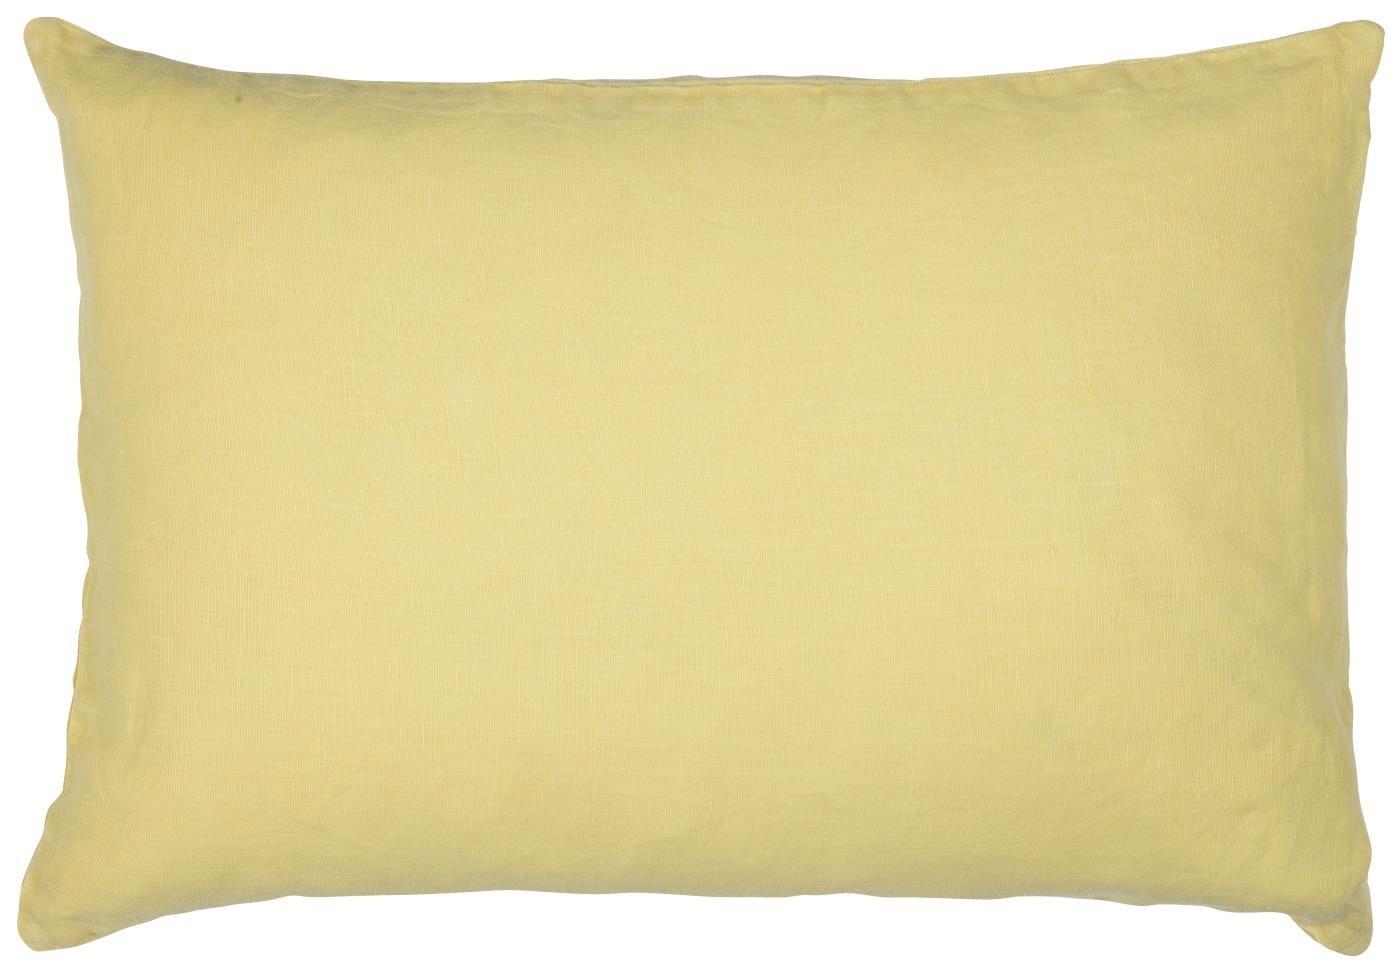 IB LAURSEN Lněný povlak na polštář Yellow 40x60, žlutá barva, textil